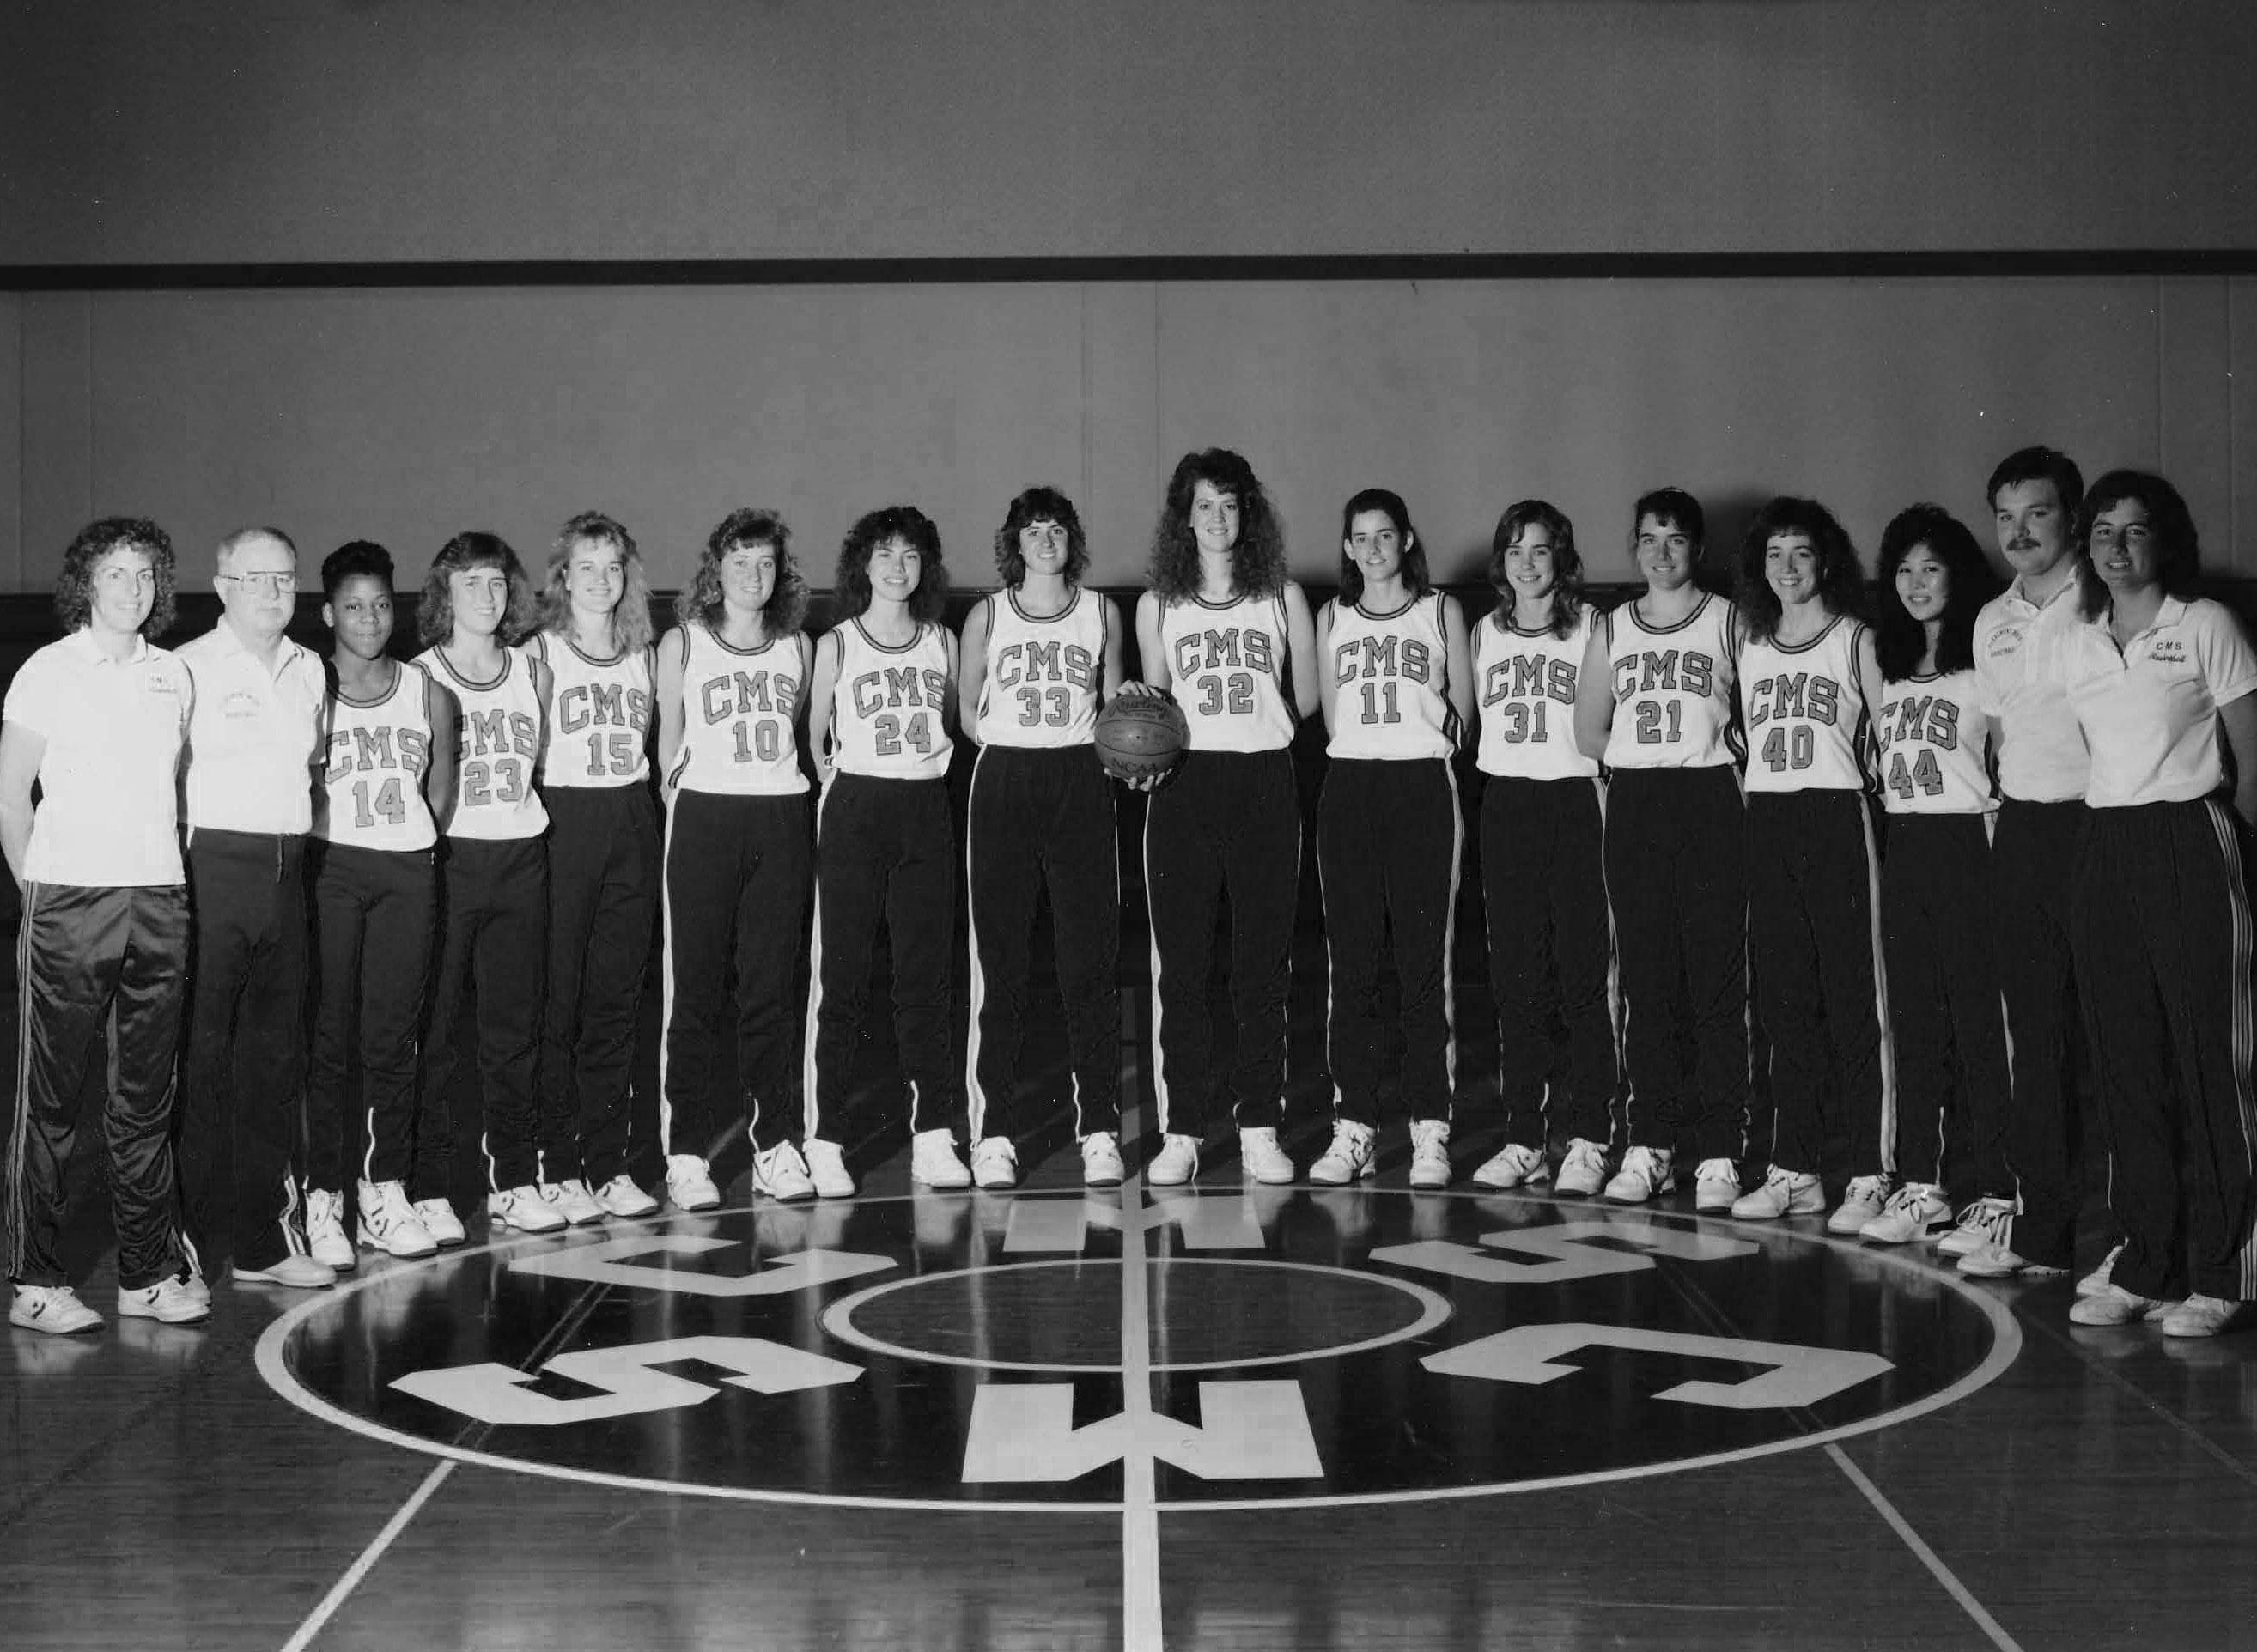 1988-89 CMS women's basketball team